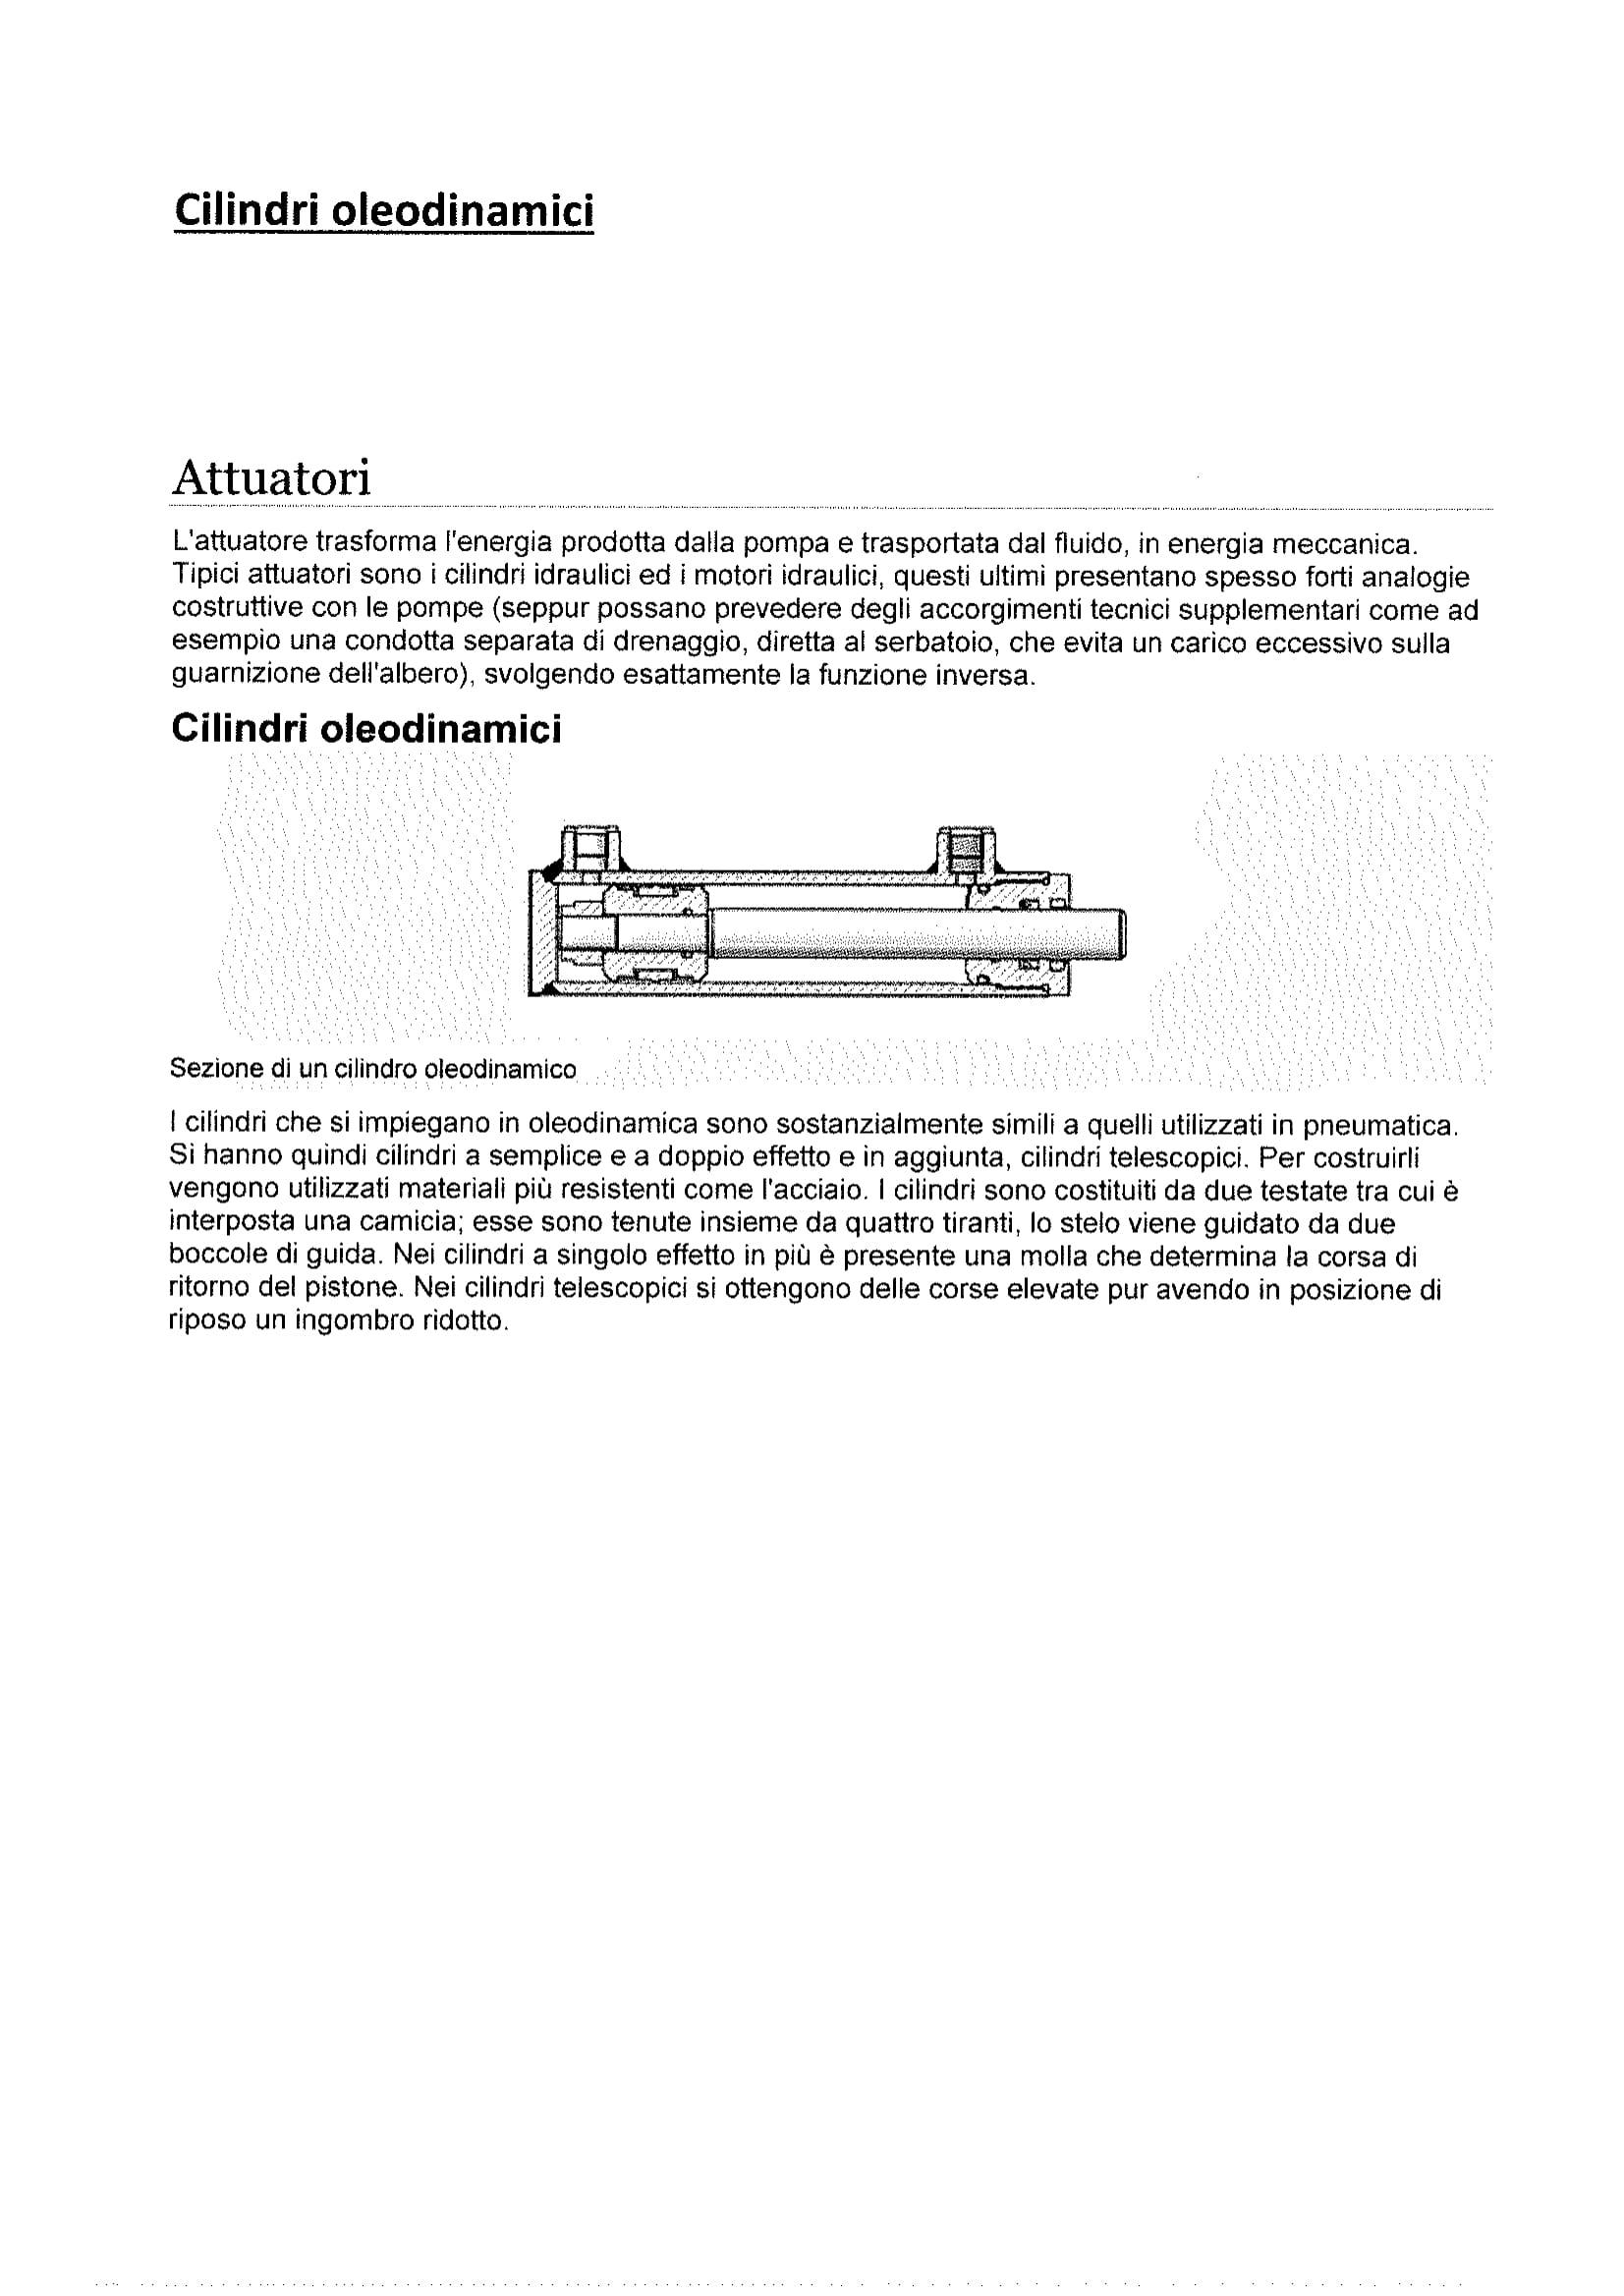 Corso di base sull'oleodinamica navale-19